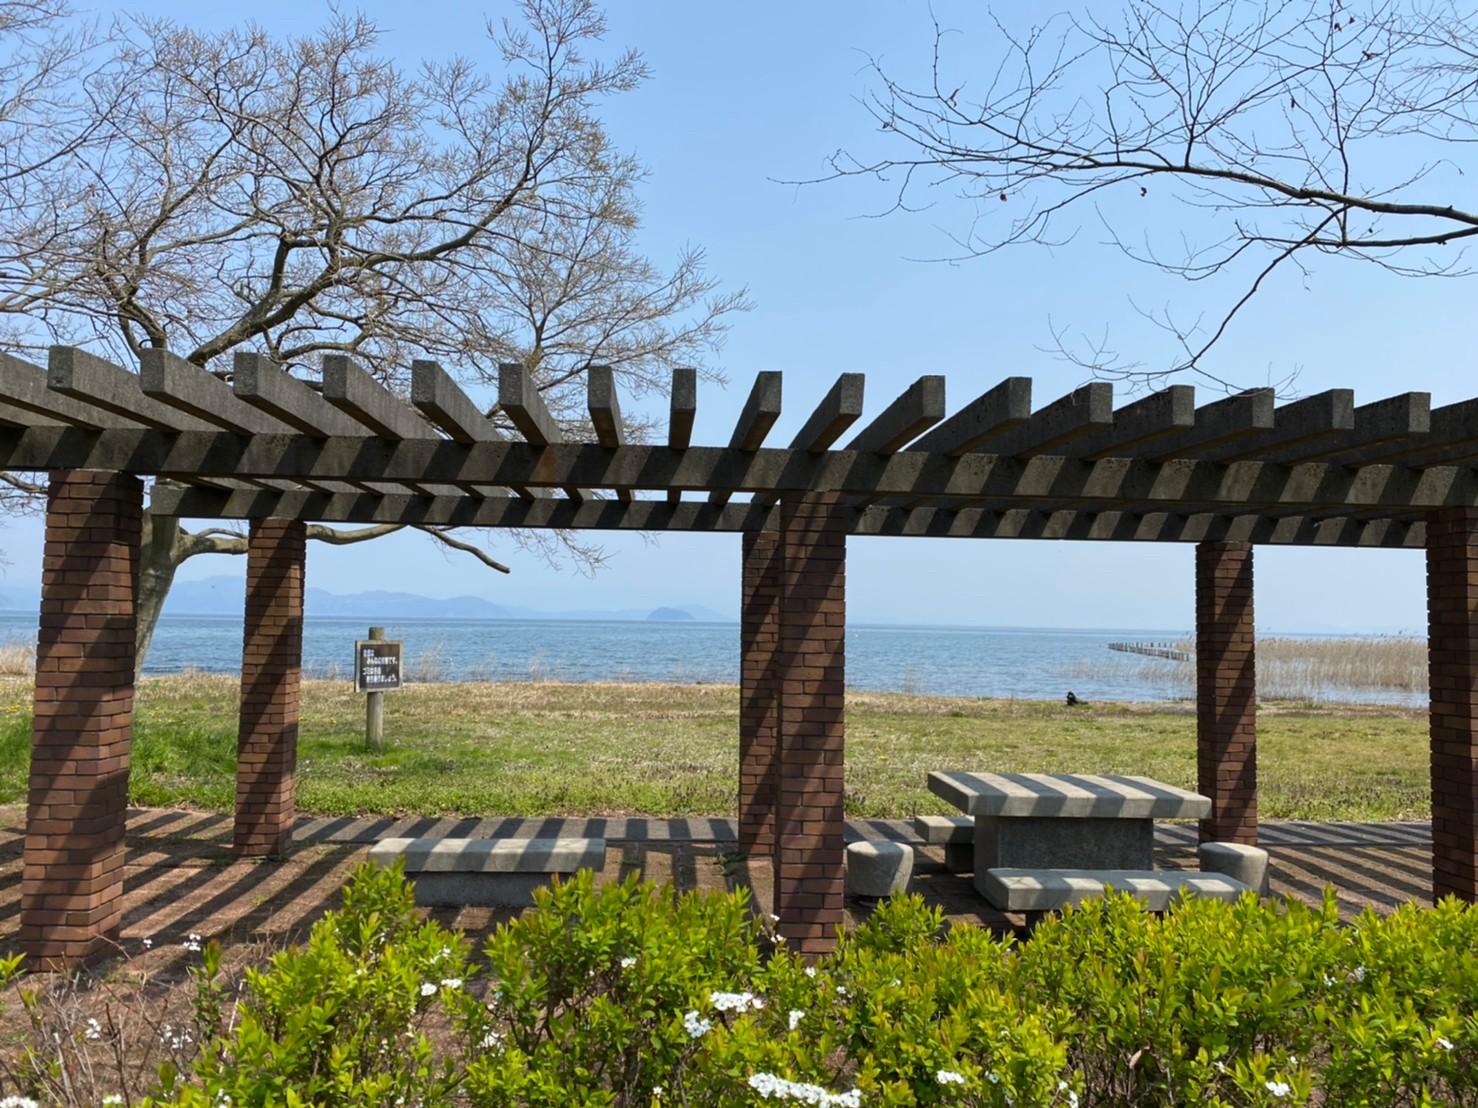 【高島市】『湖岸緑地 新旭浜園地・針江浜』のアウトドア情報